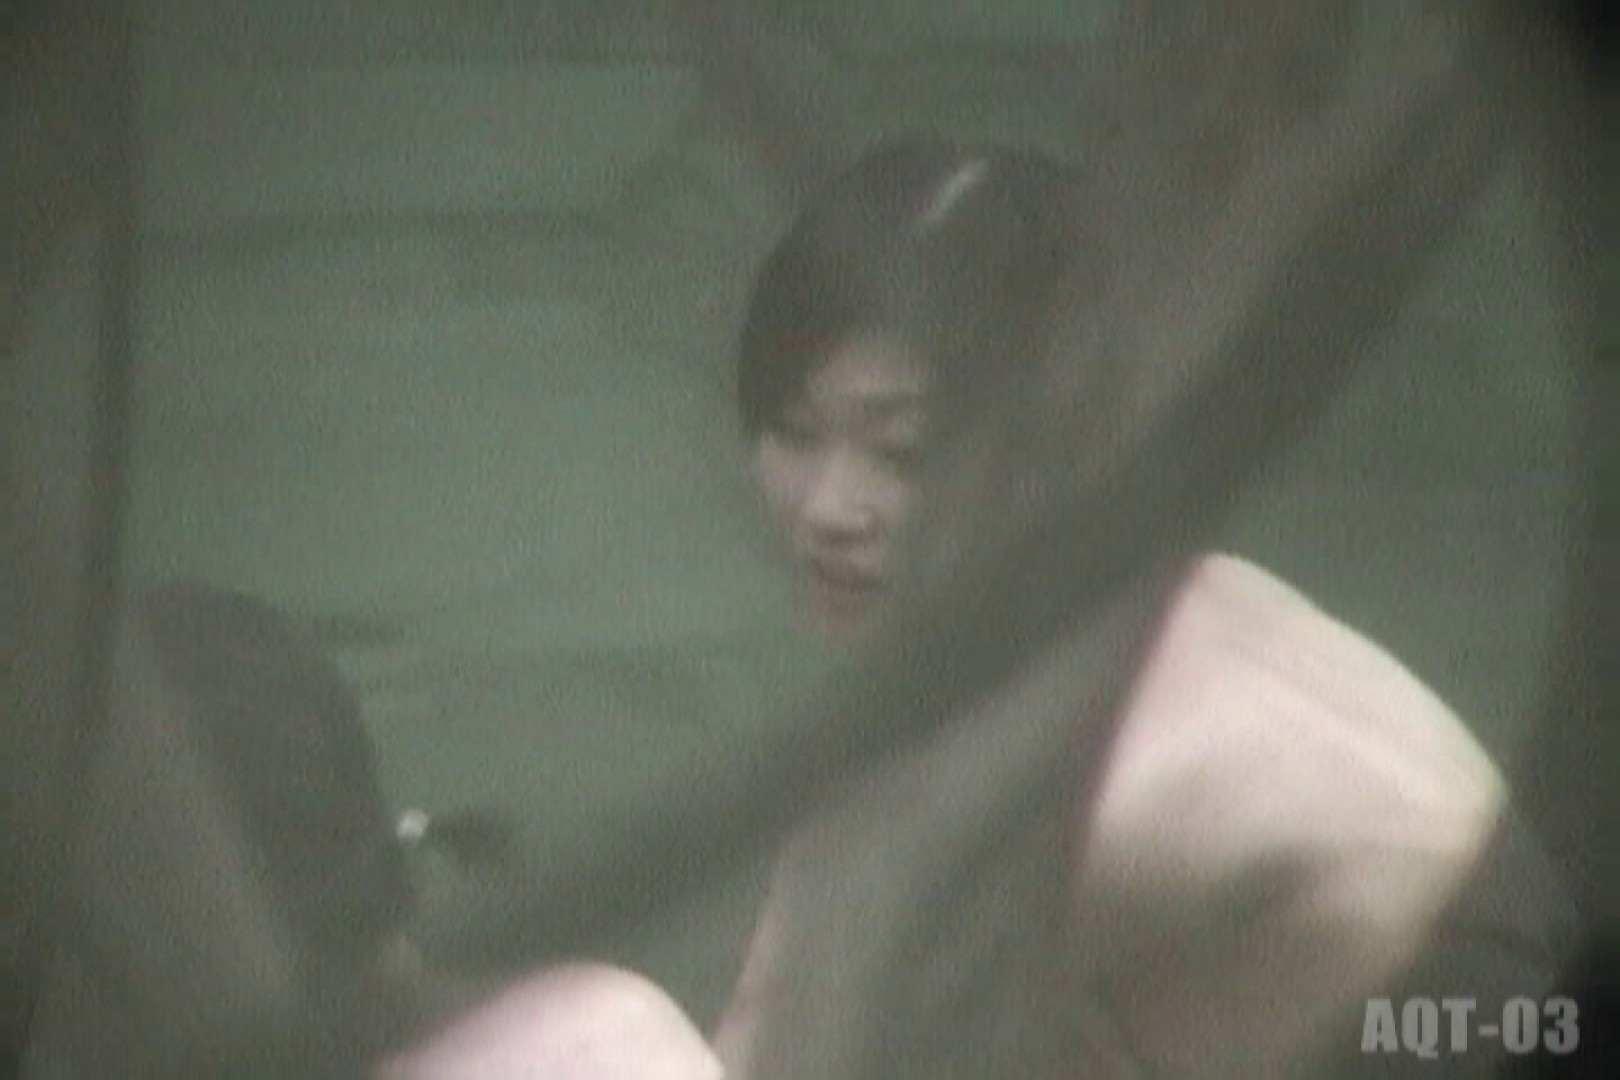 Aquaな露天風呂Vol.732 美しいOLの裸体 セックス画像 86pic 14